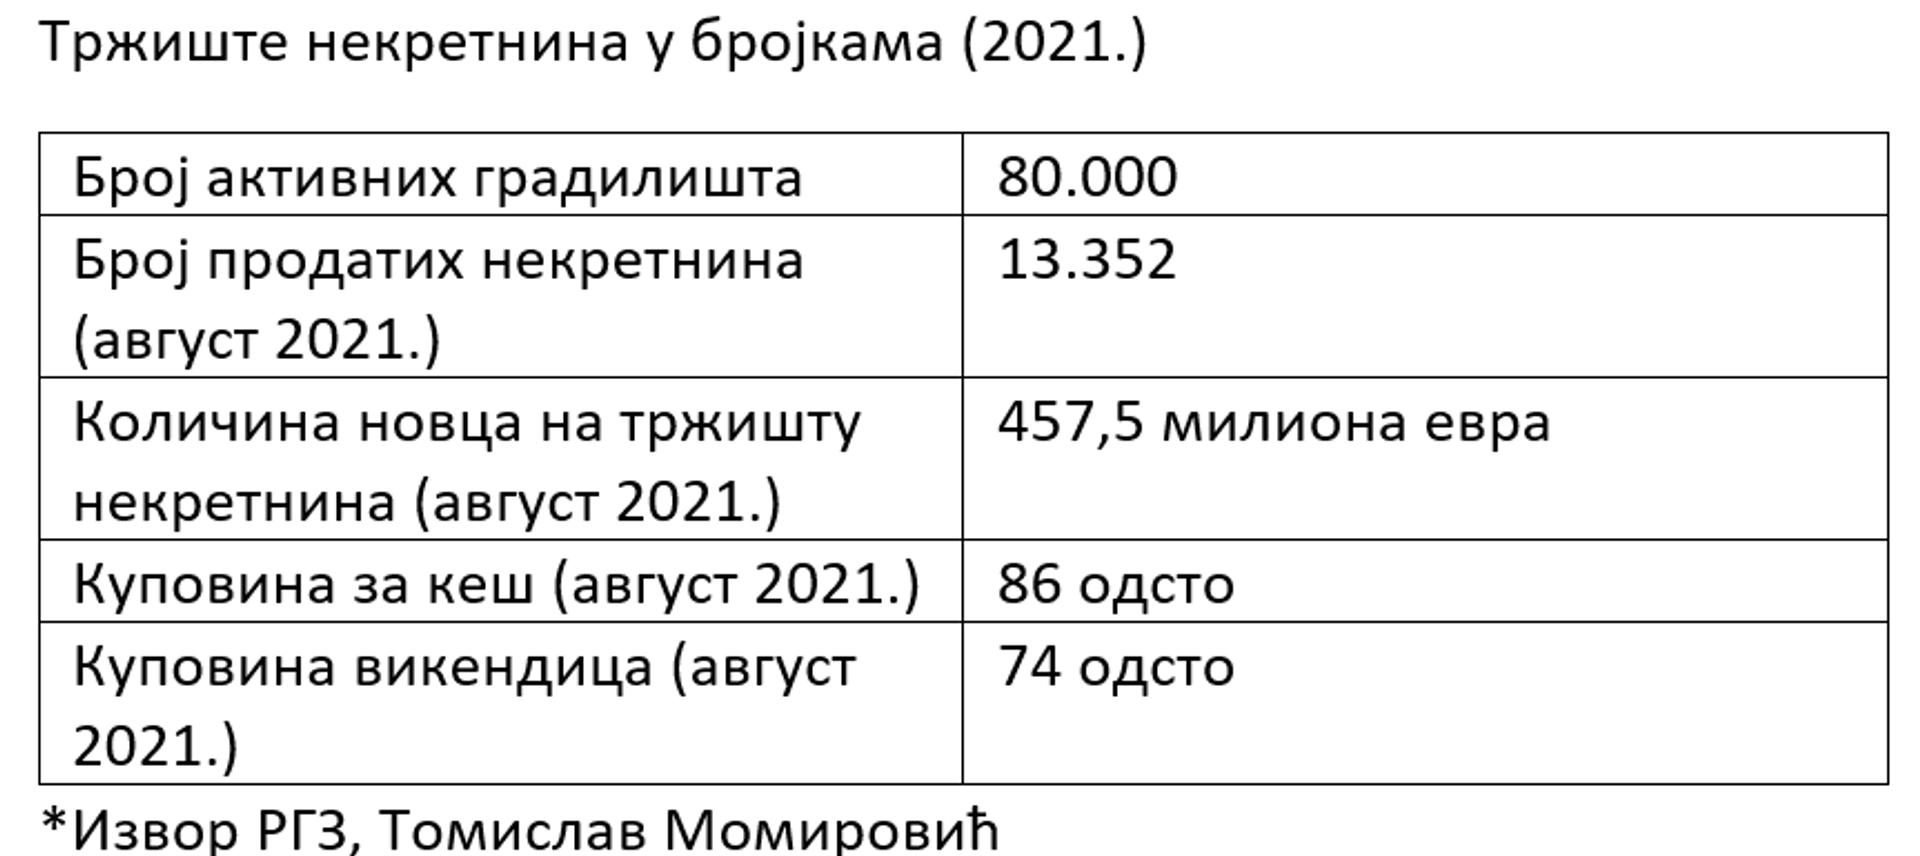 Табела, тржиште некретнина 2021. - Sputnik Србија, 1920, 25.09.2021